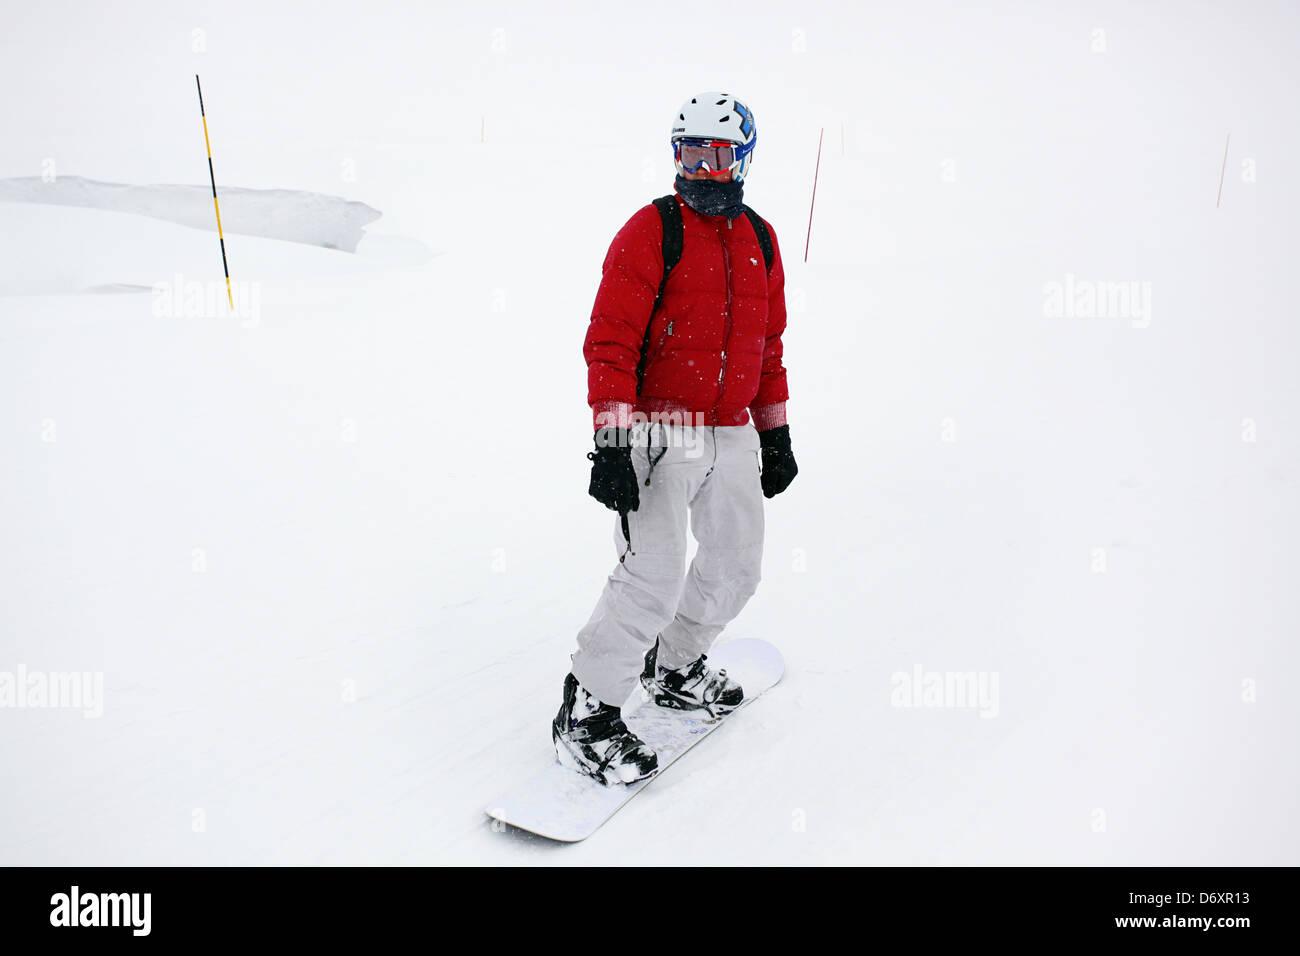 Snowboarding in Meribel, France - Stock Image